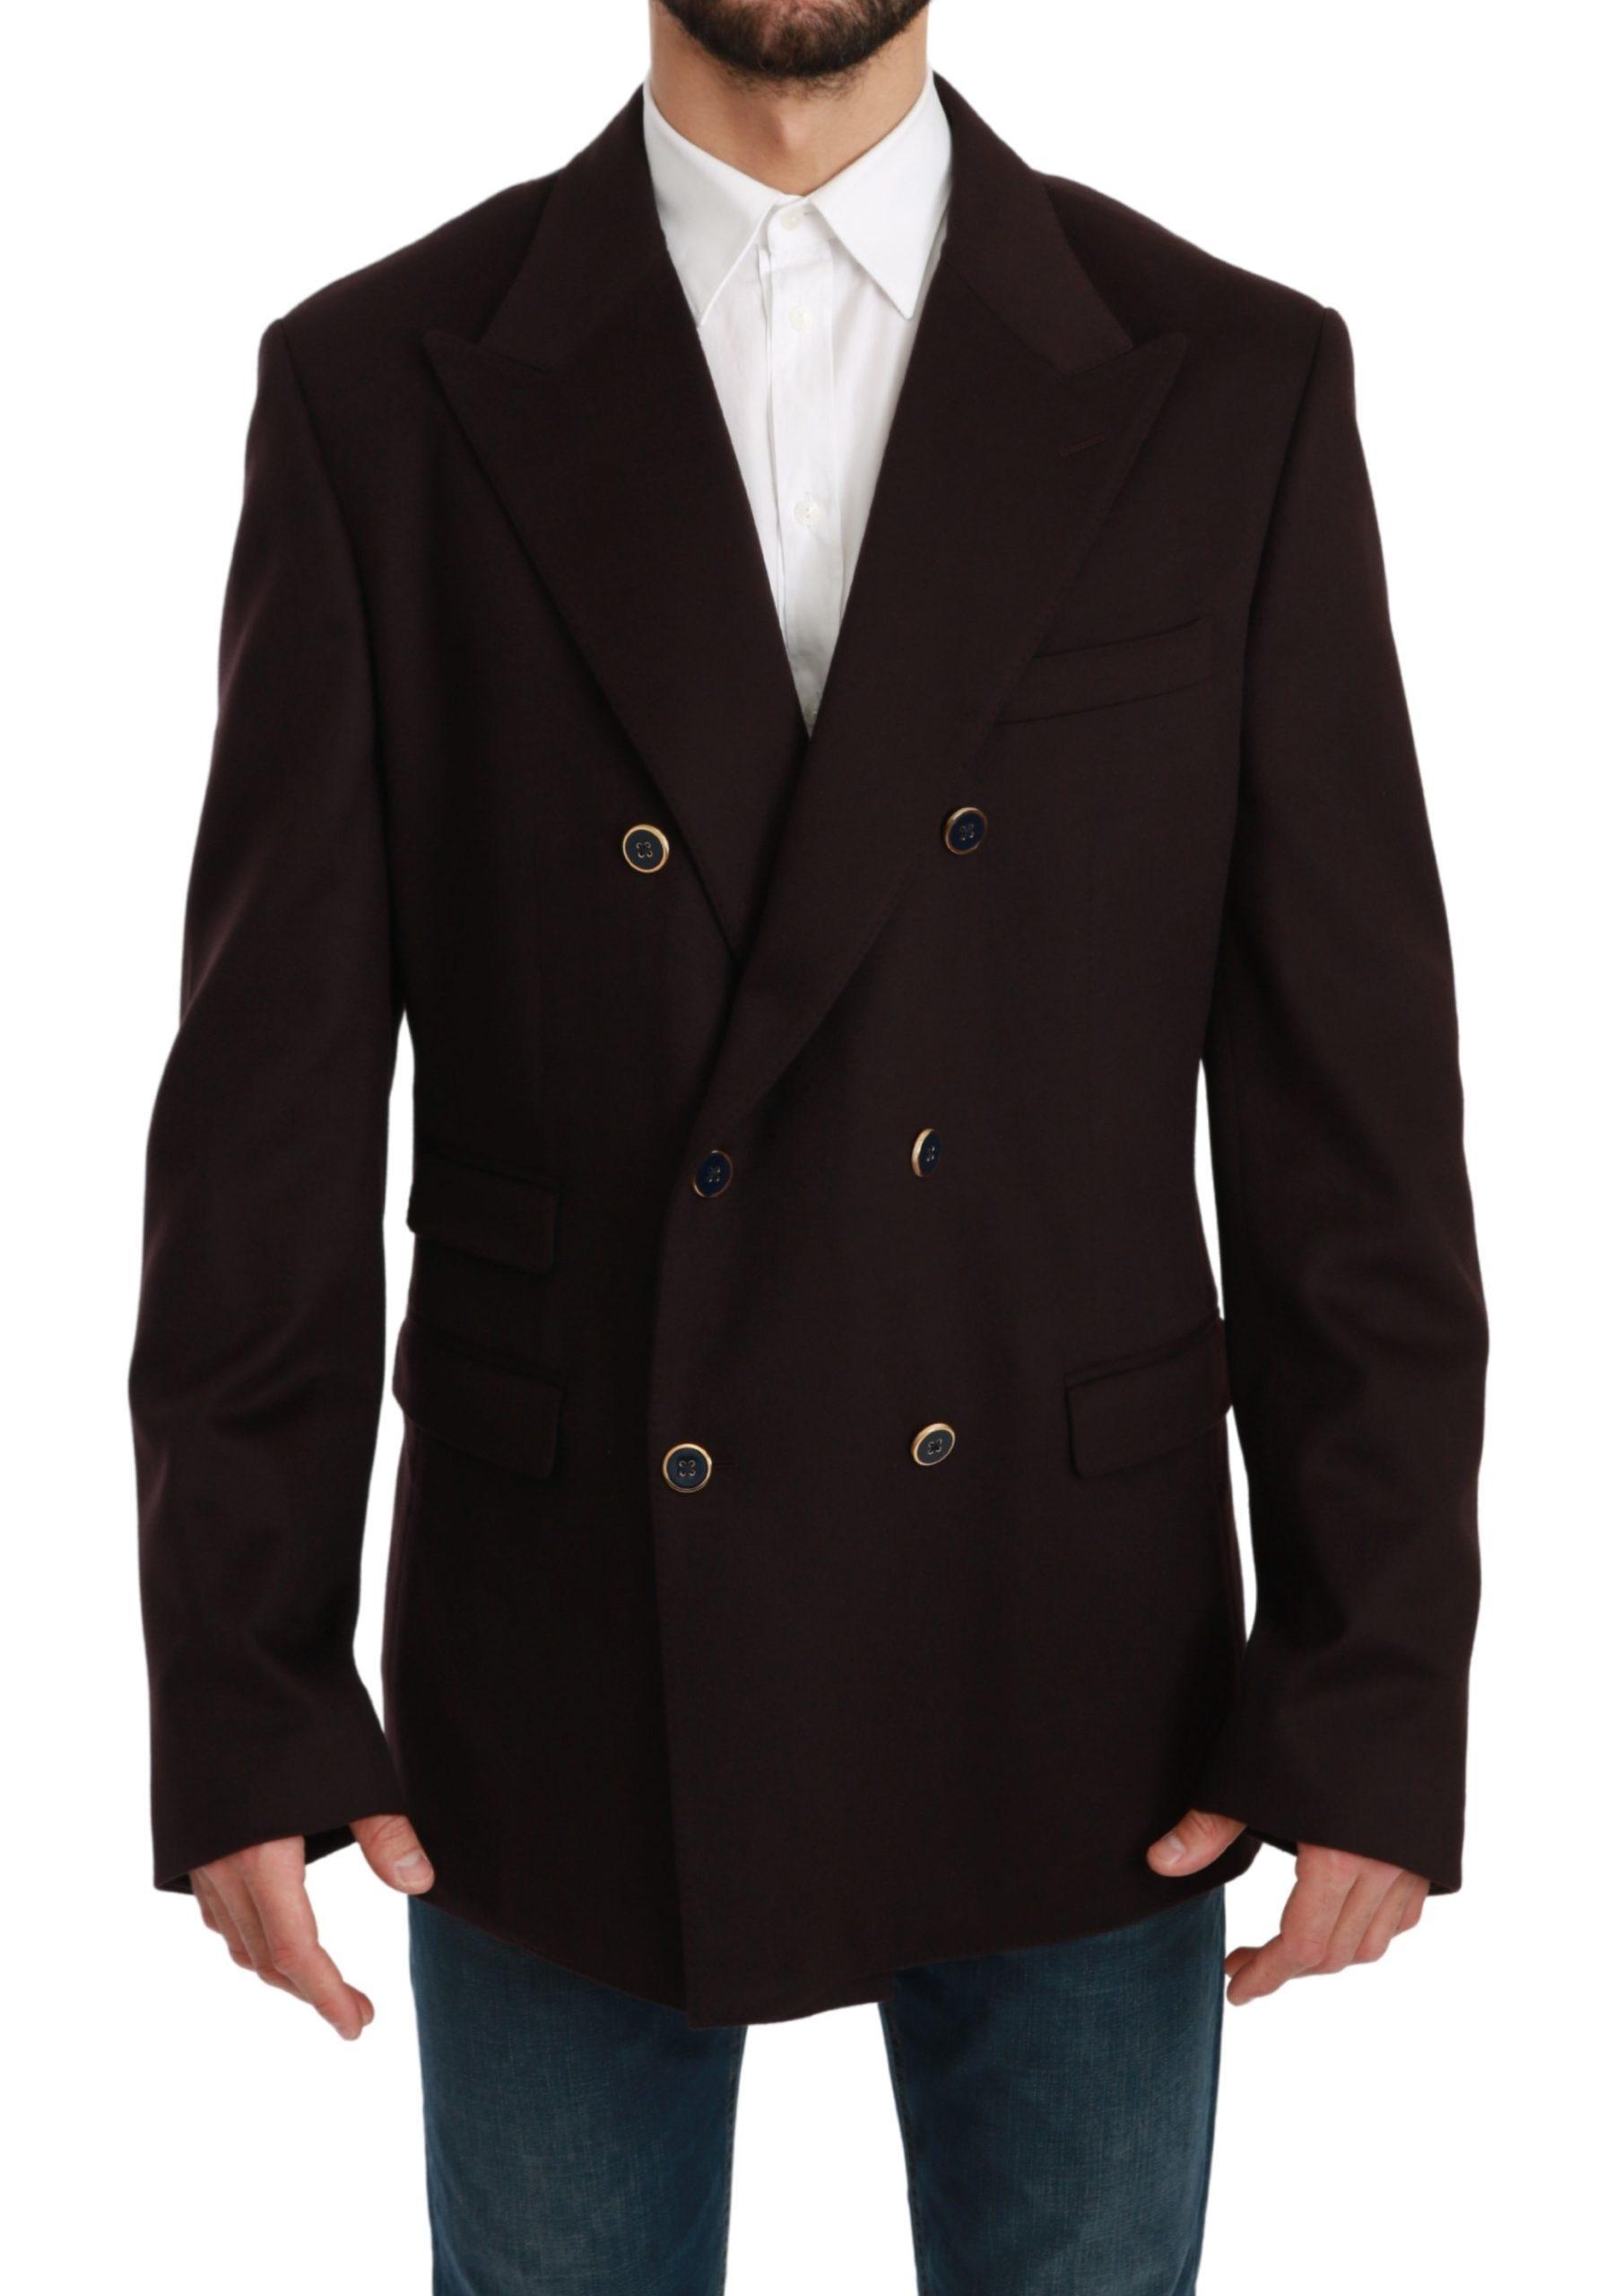 Dolce & Gabbana Men's Cashmere Coat TAORMINA Blazer Bordeaux KOS1722 - IT56   XXL